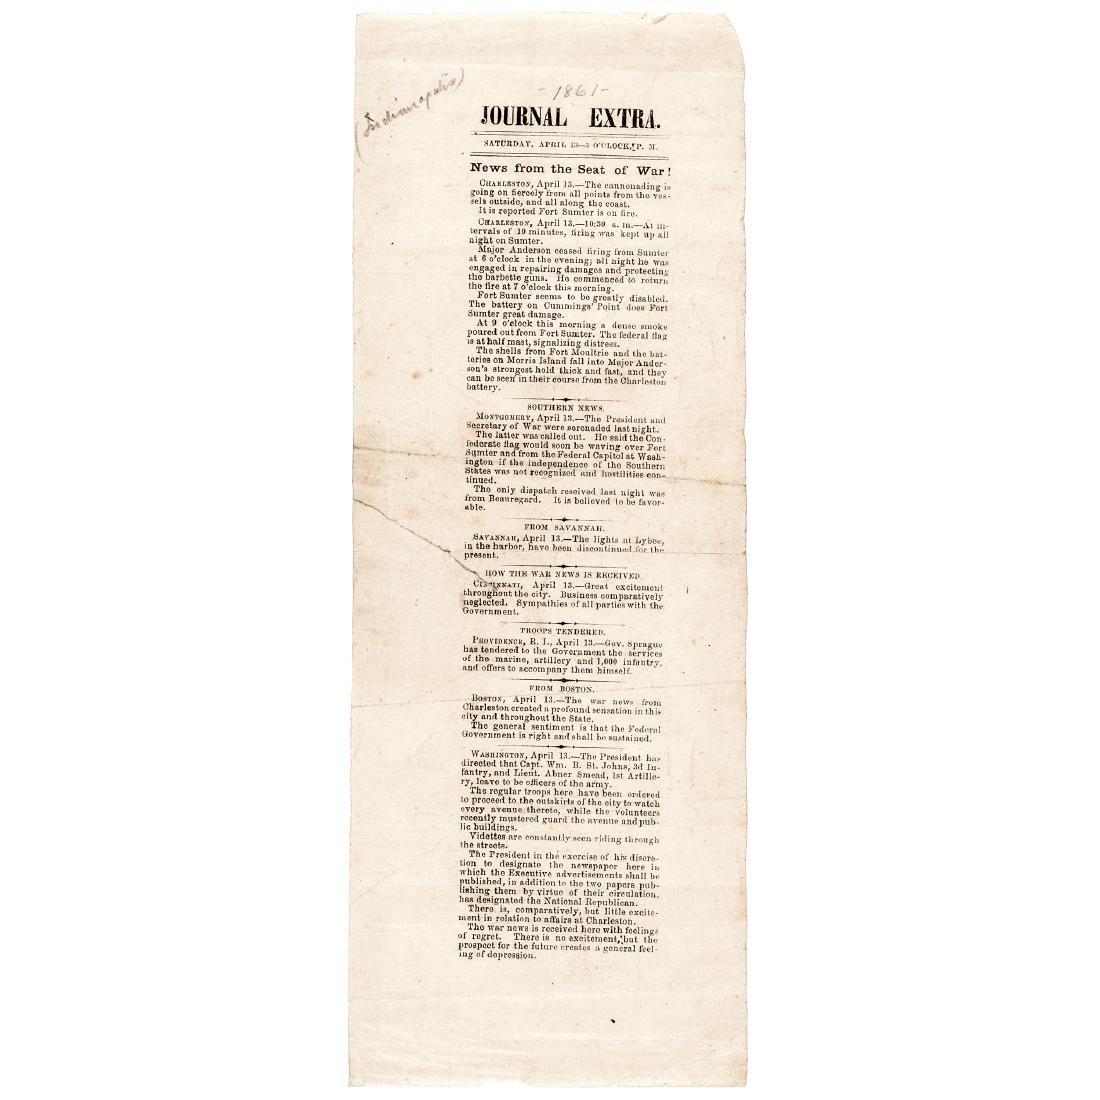 1861 Civil War Journal Extra Handbill Insert